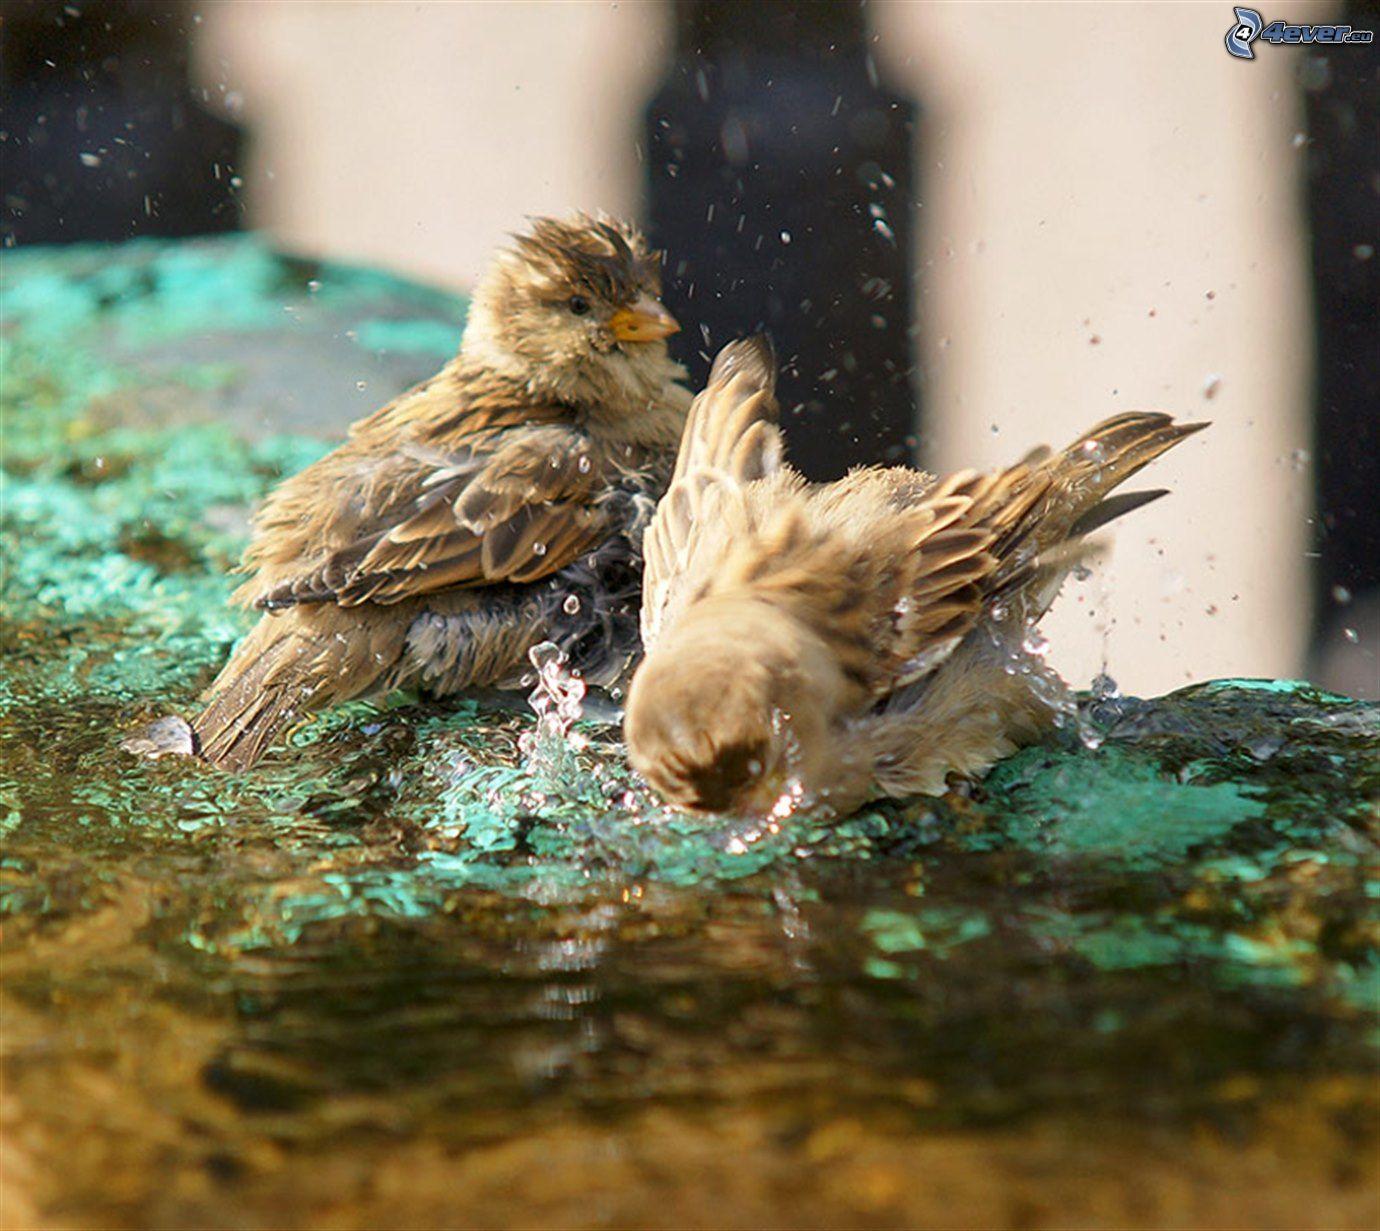 El parque Aves,-agua,-bano-225287